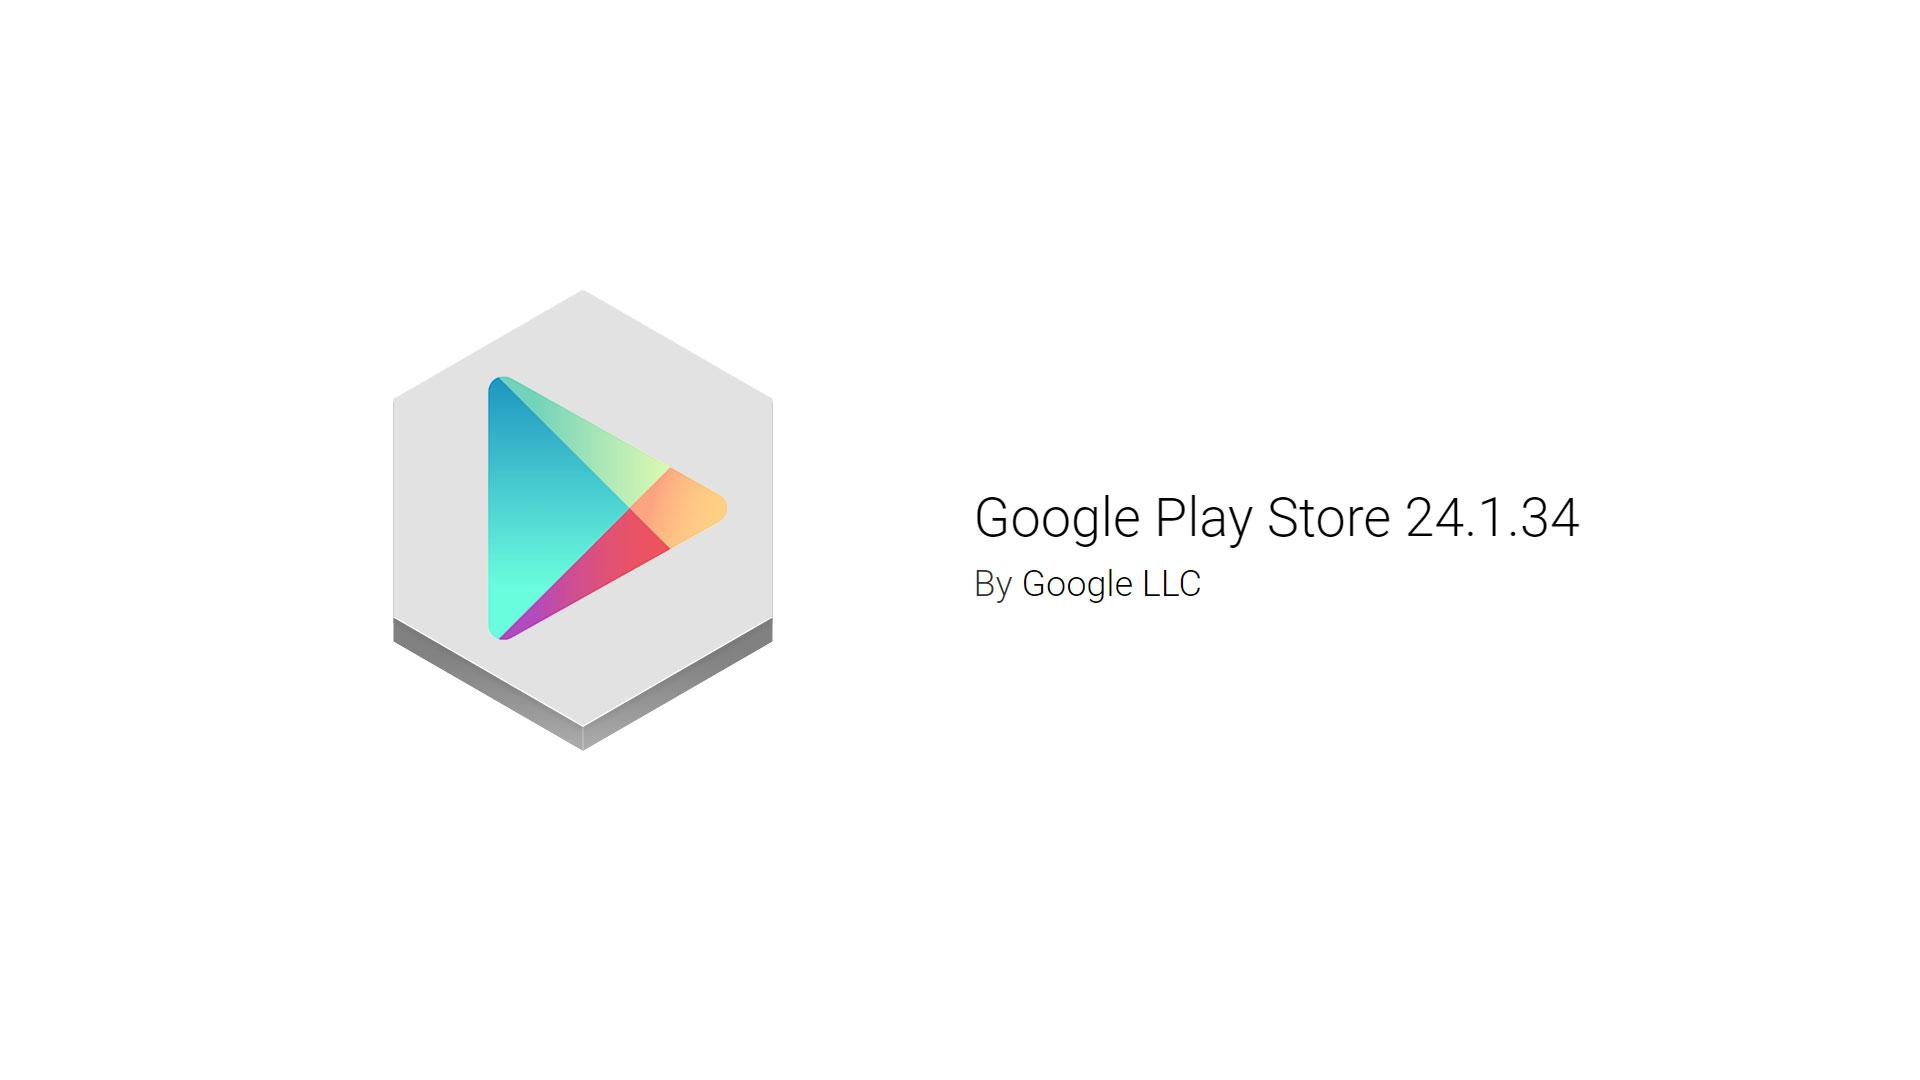 Обновление Google Play Store 24.1.34 уже доступно для установки